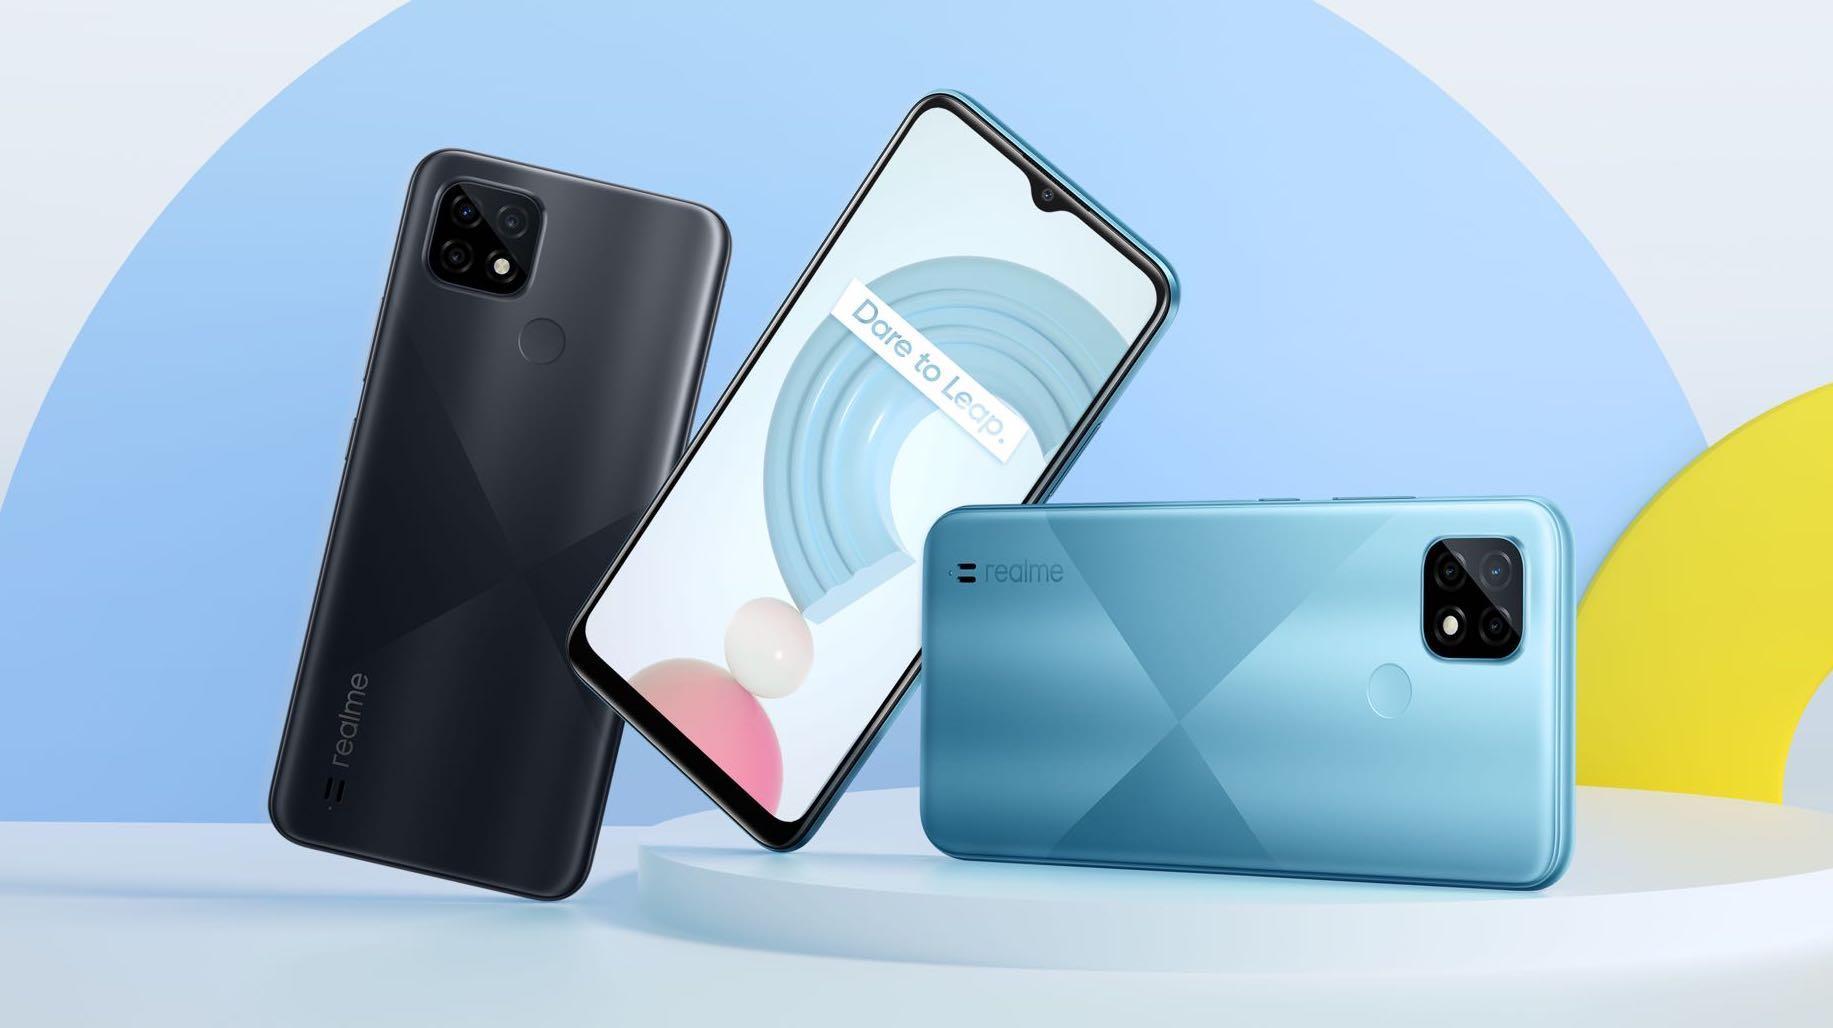 Обзор смартфона Realme C21: характеристики бюджетного телефона